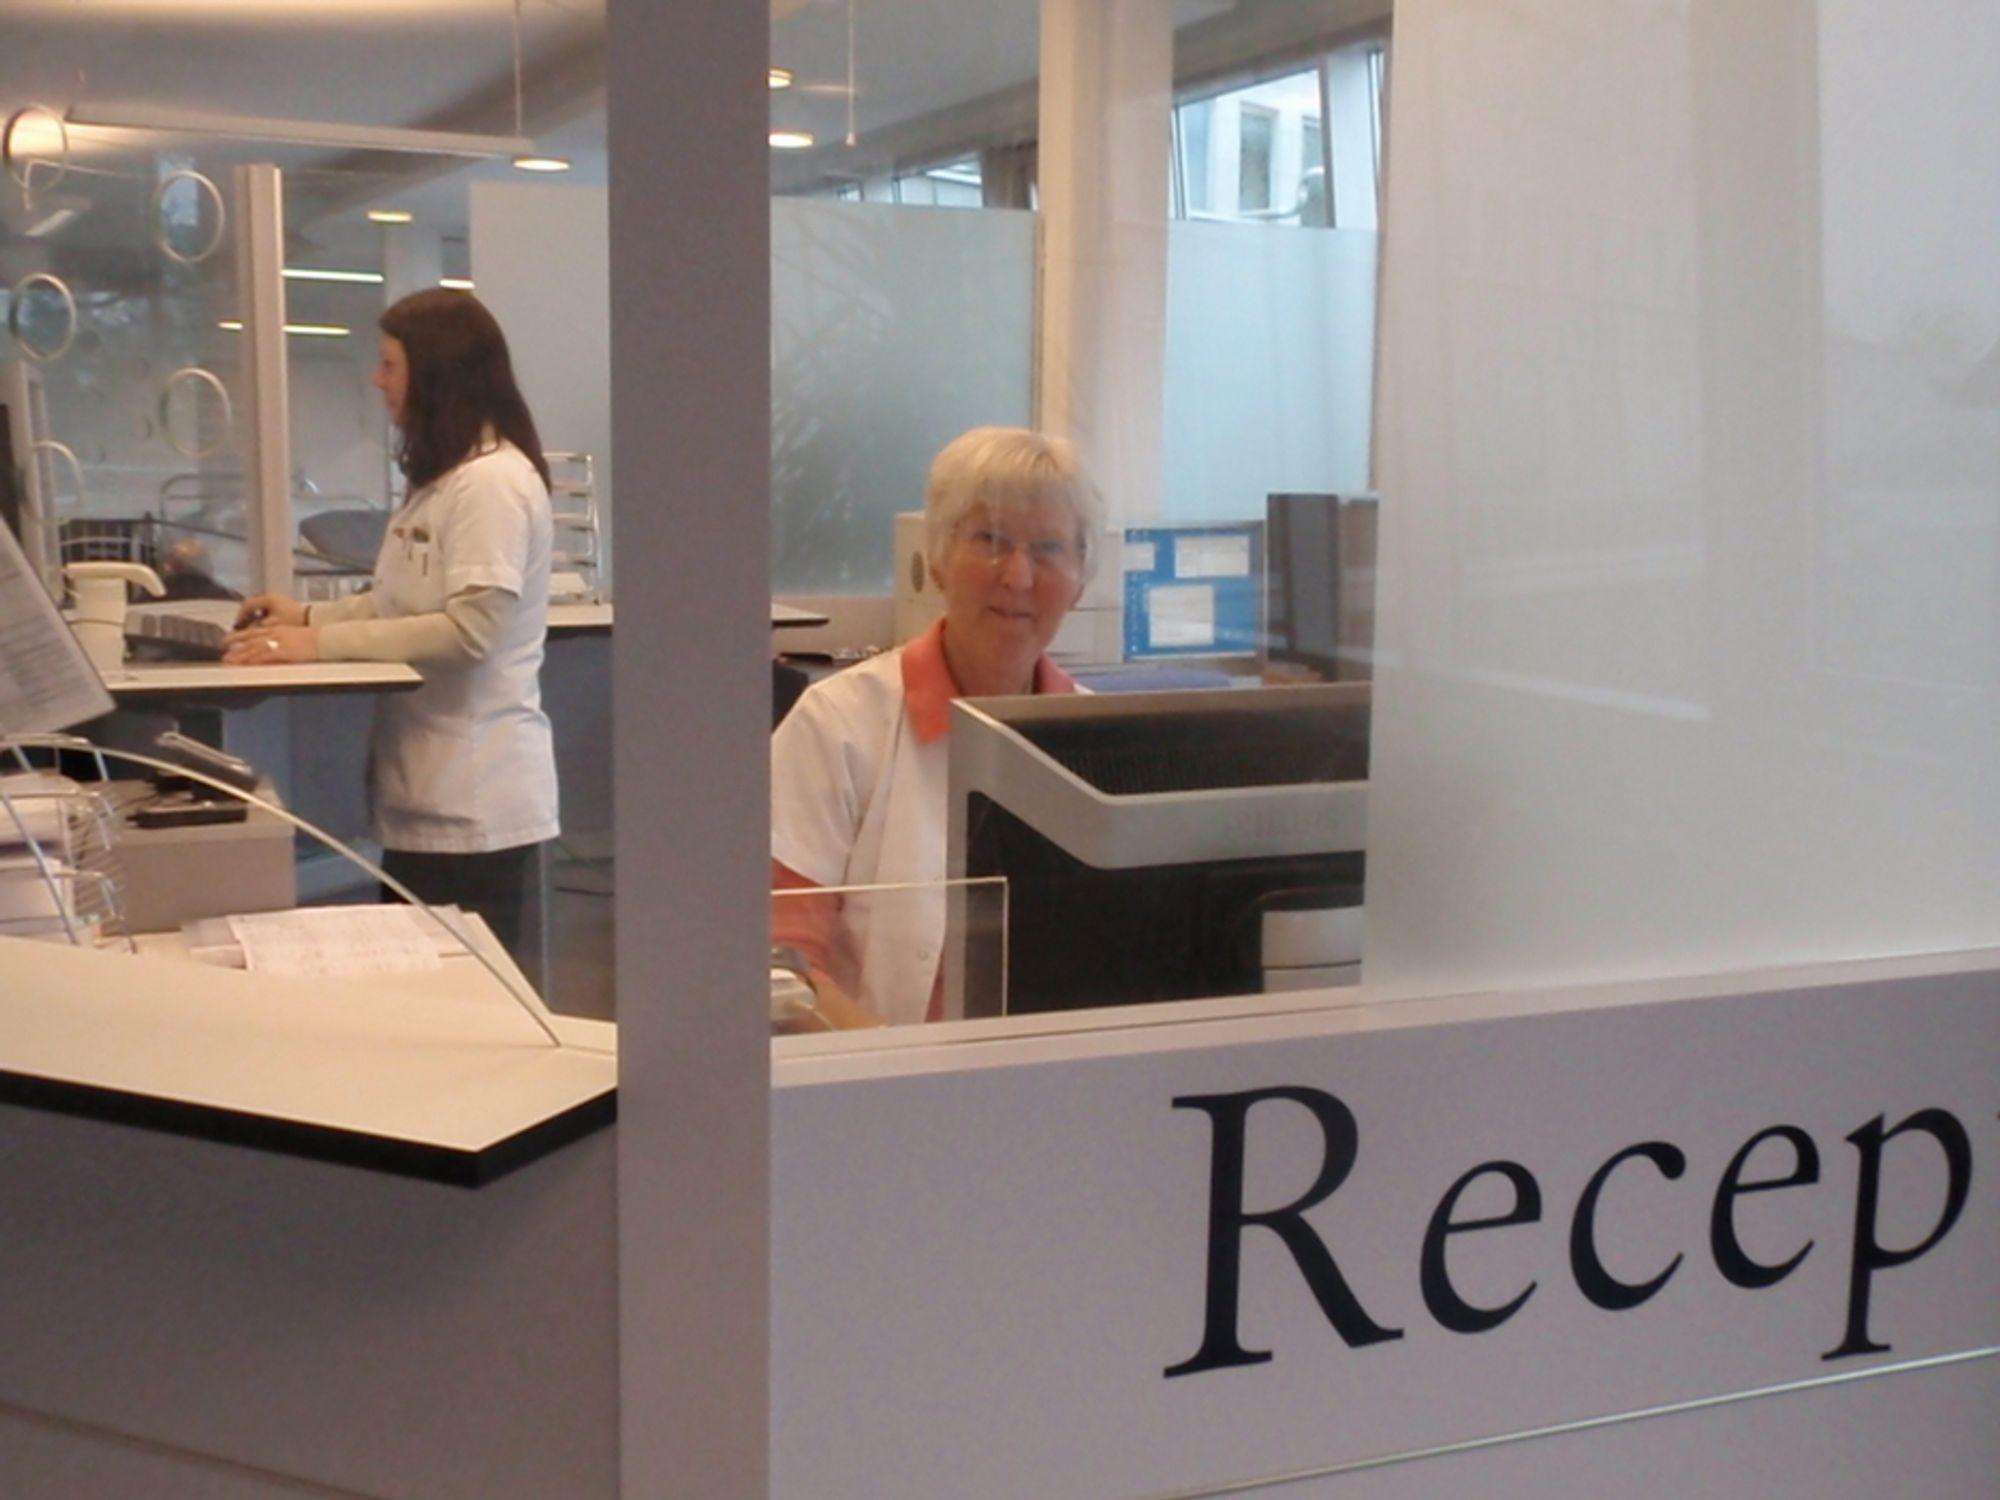 KNAPT: Selv om 80 prosent av sykehusene i Europa har elektronisk pasientjournal, er det knapt noen pasiuenter som har tilgang til informasjon om sin egen sykehistorie.